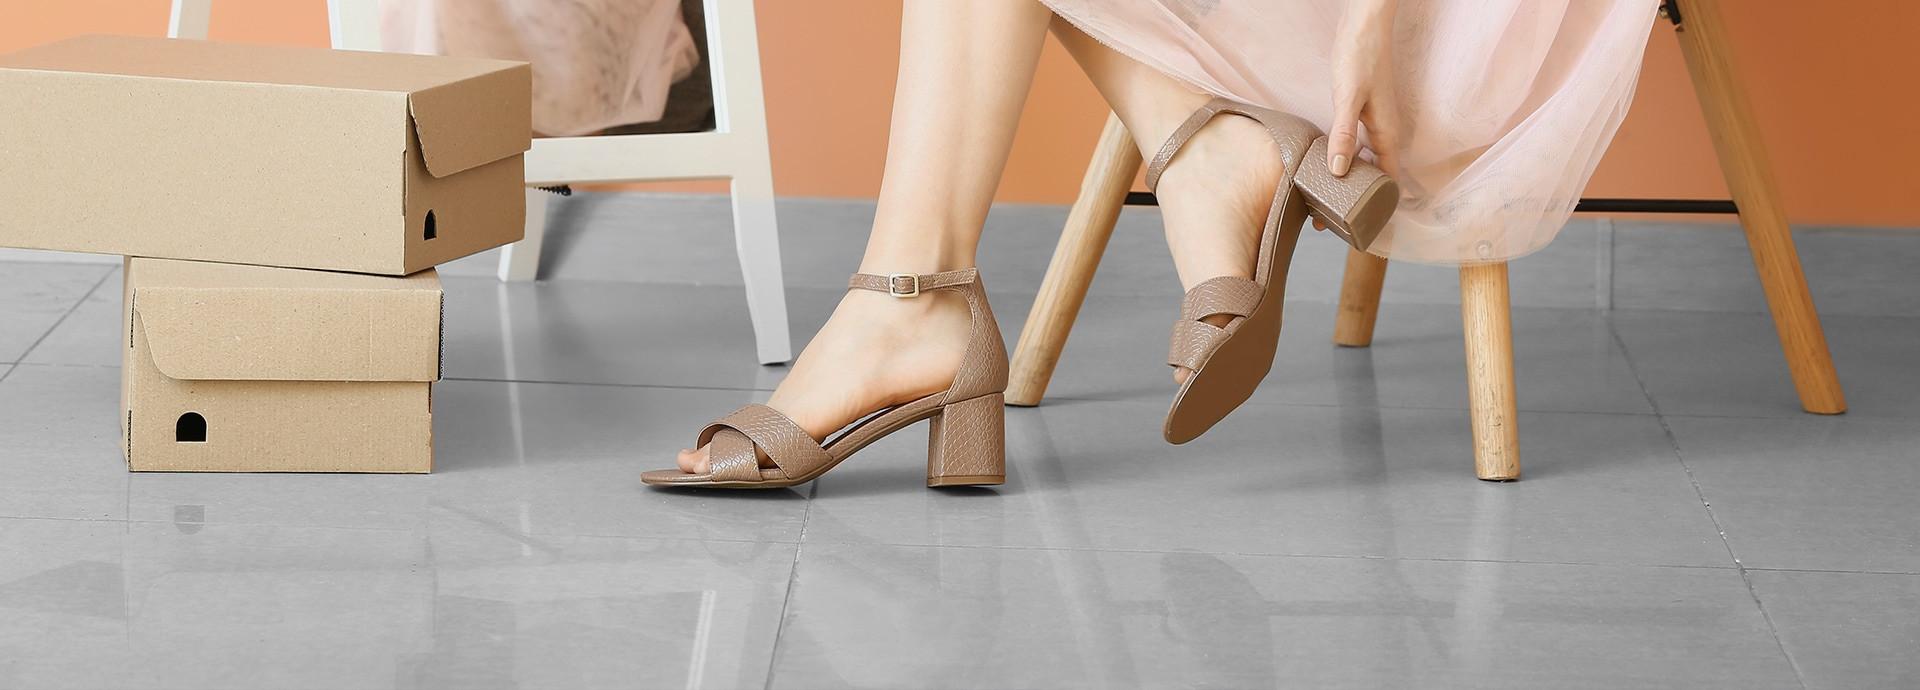 Chaussures Monette - Les Galeries de Hull